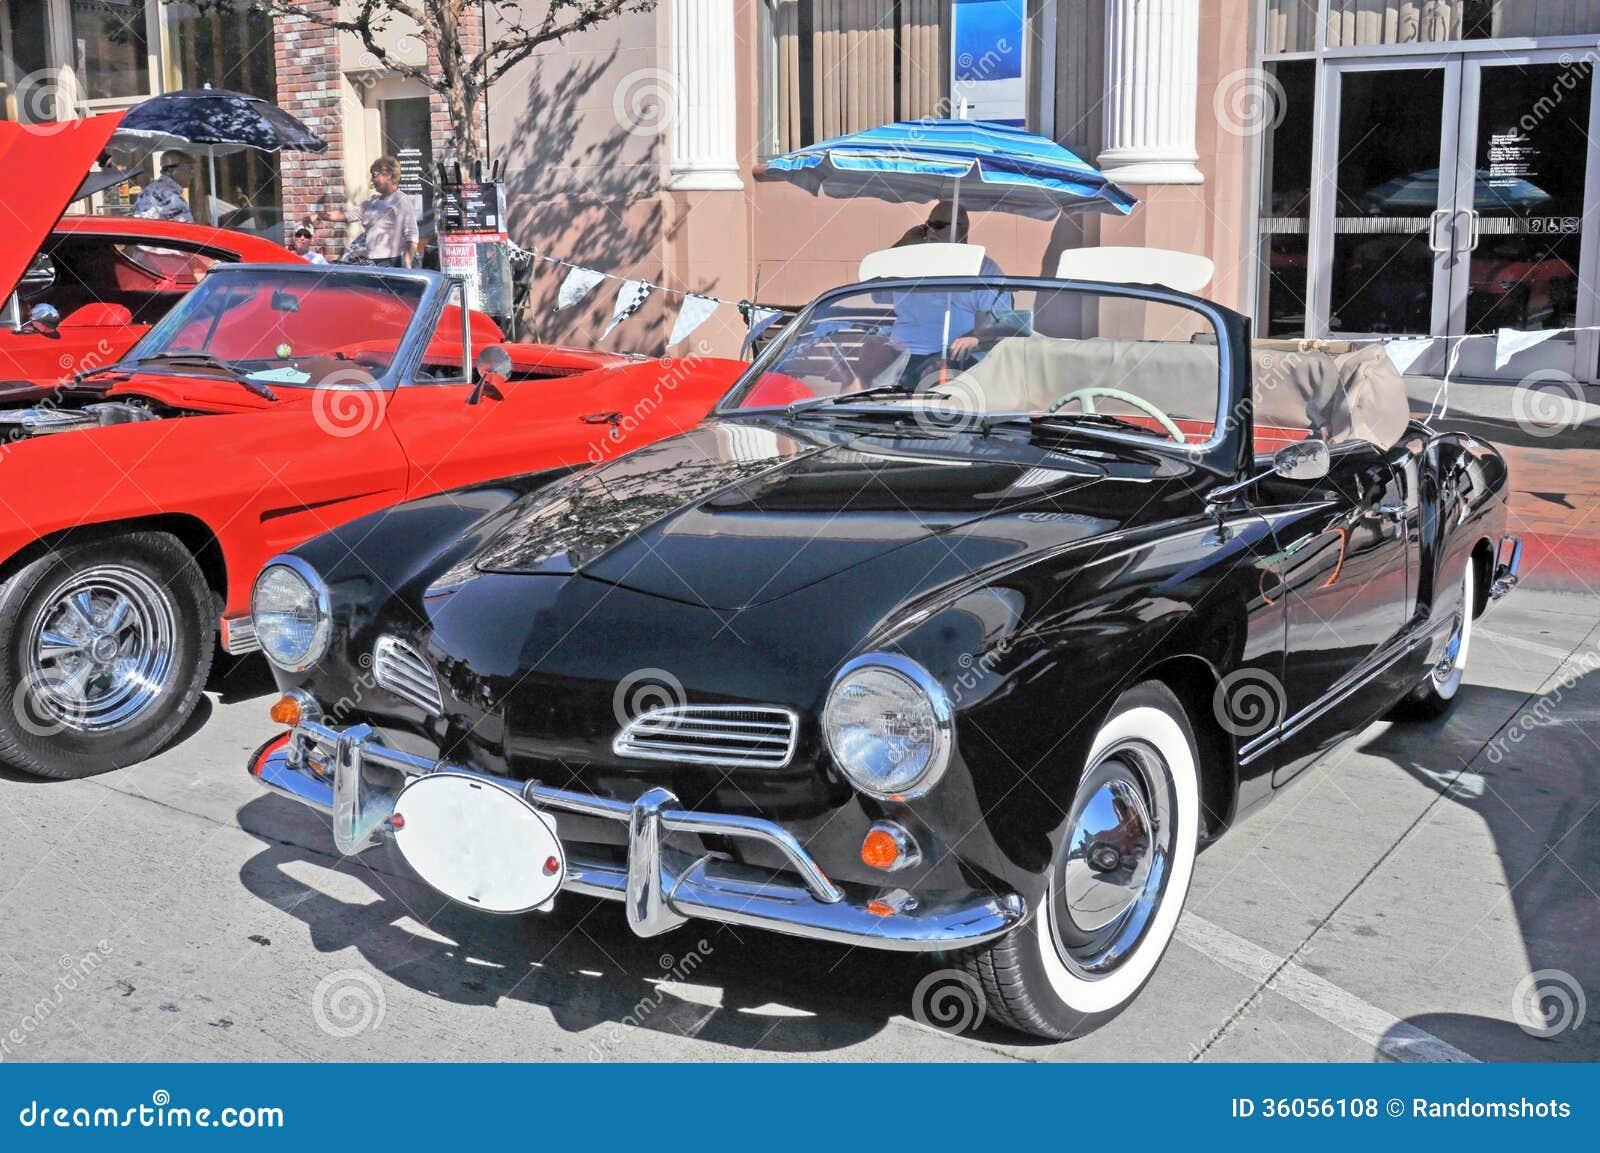 Karmann Ghia Editorial Stock Photo Image Of Travel Nostalgia 1950 Volkswagen Download 36056108